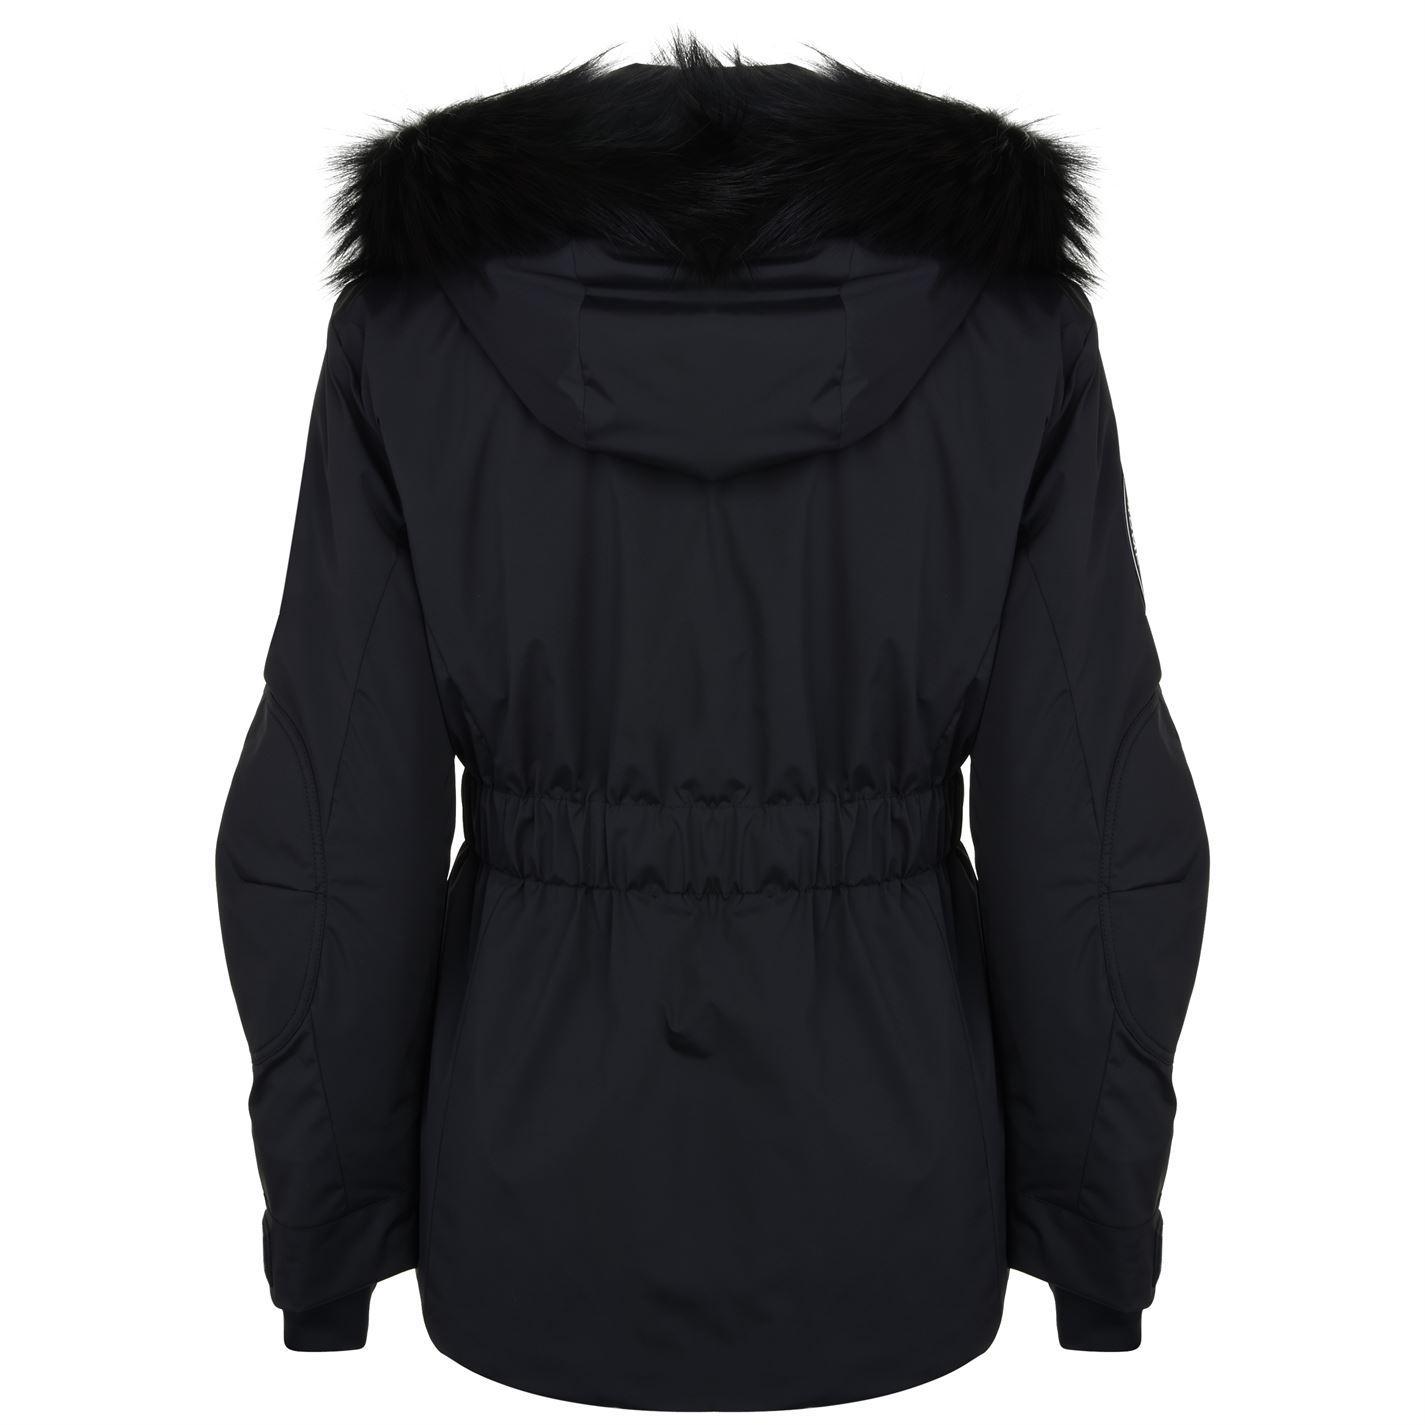 02dce00d777 Fendi Nylon Fox Hooded Jacket in Black - Lyst